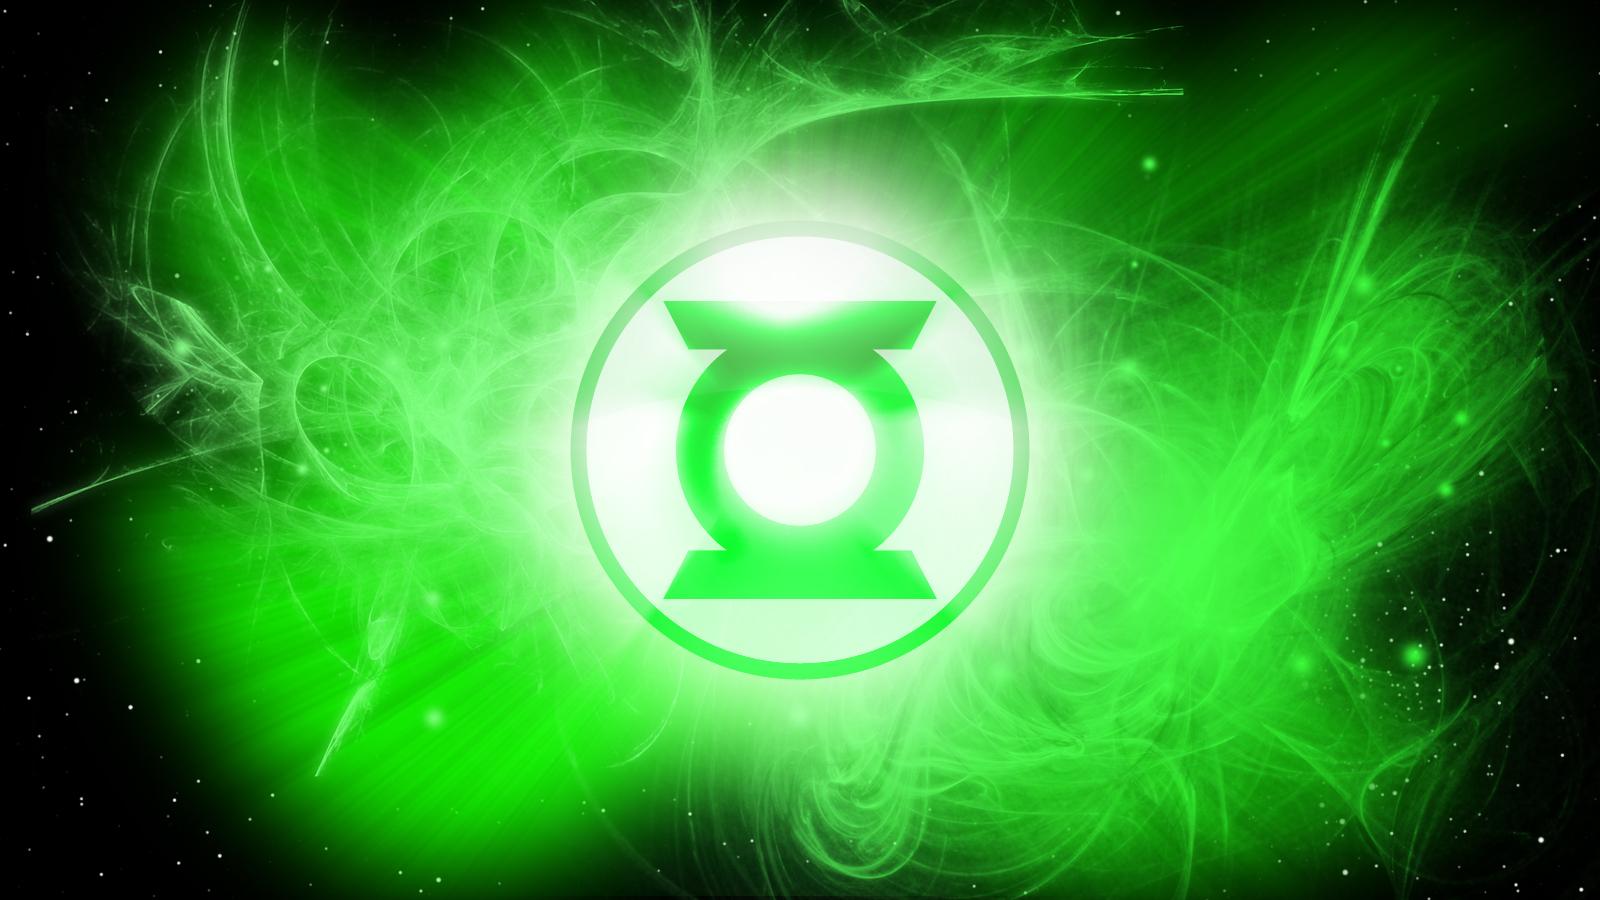 Tami Holman green lantern wallpaper hd 1600x900